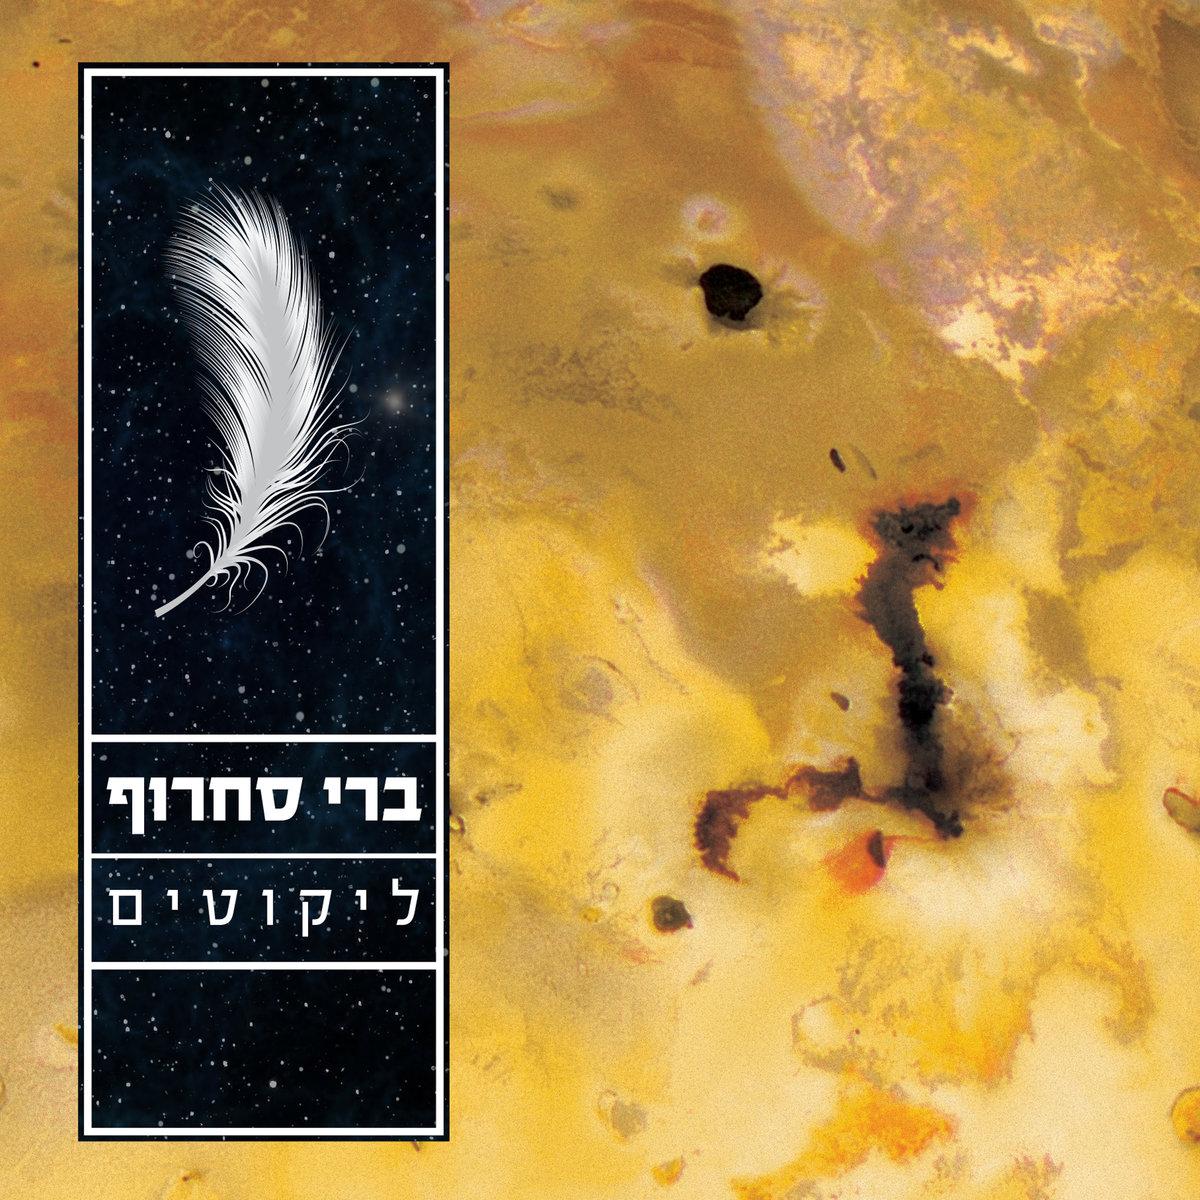 ברי סחרוף - ליקוטים אלבום להורדה